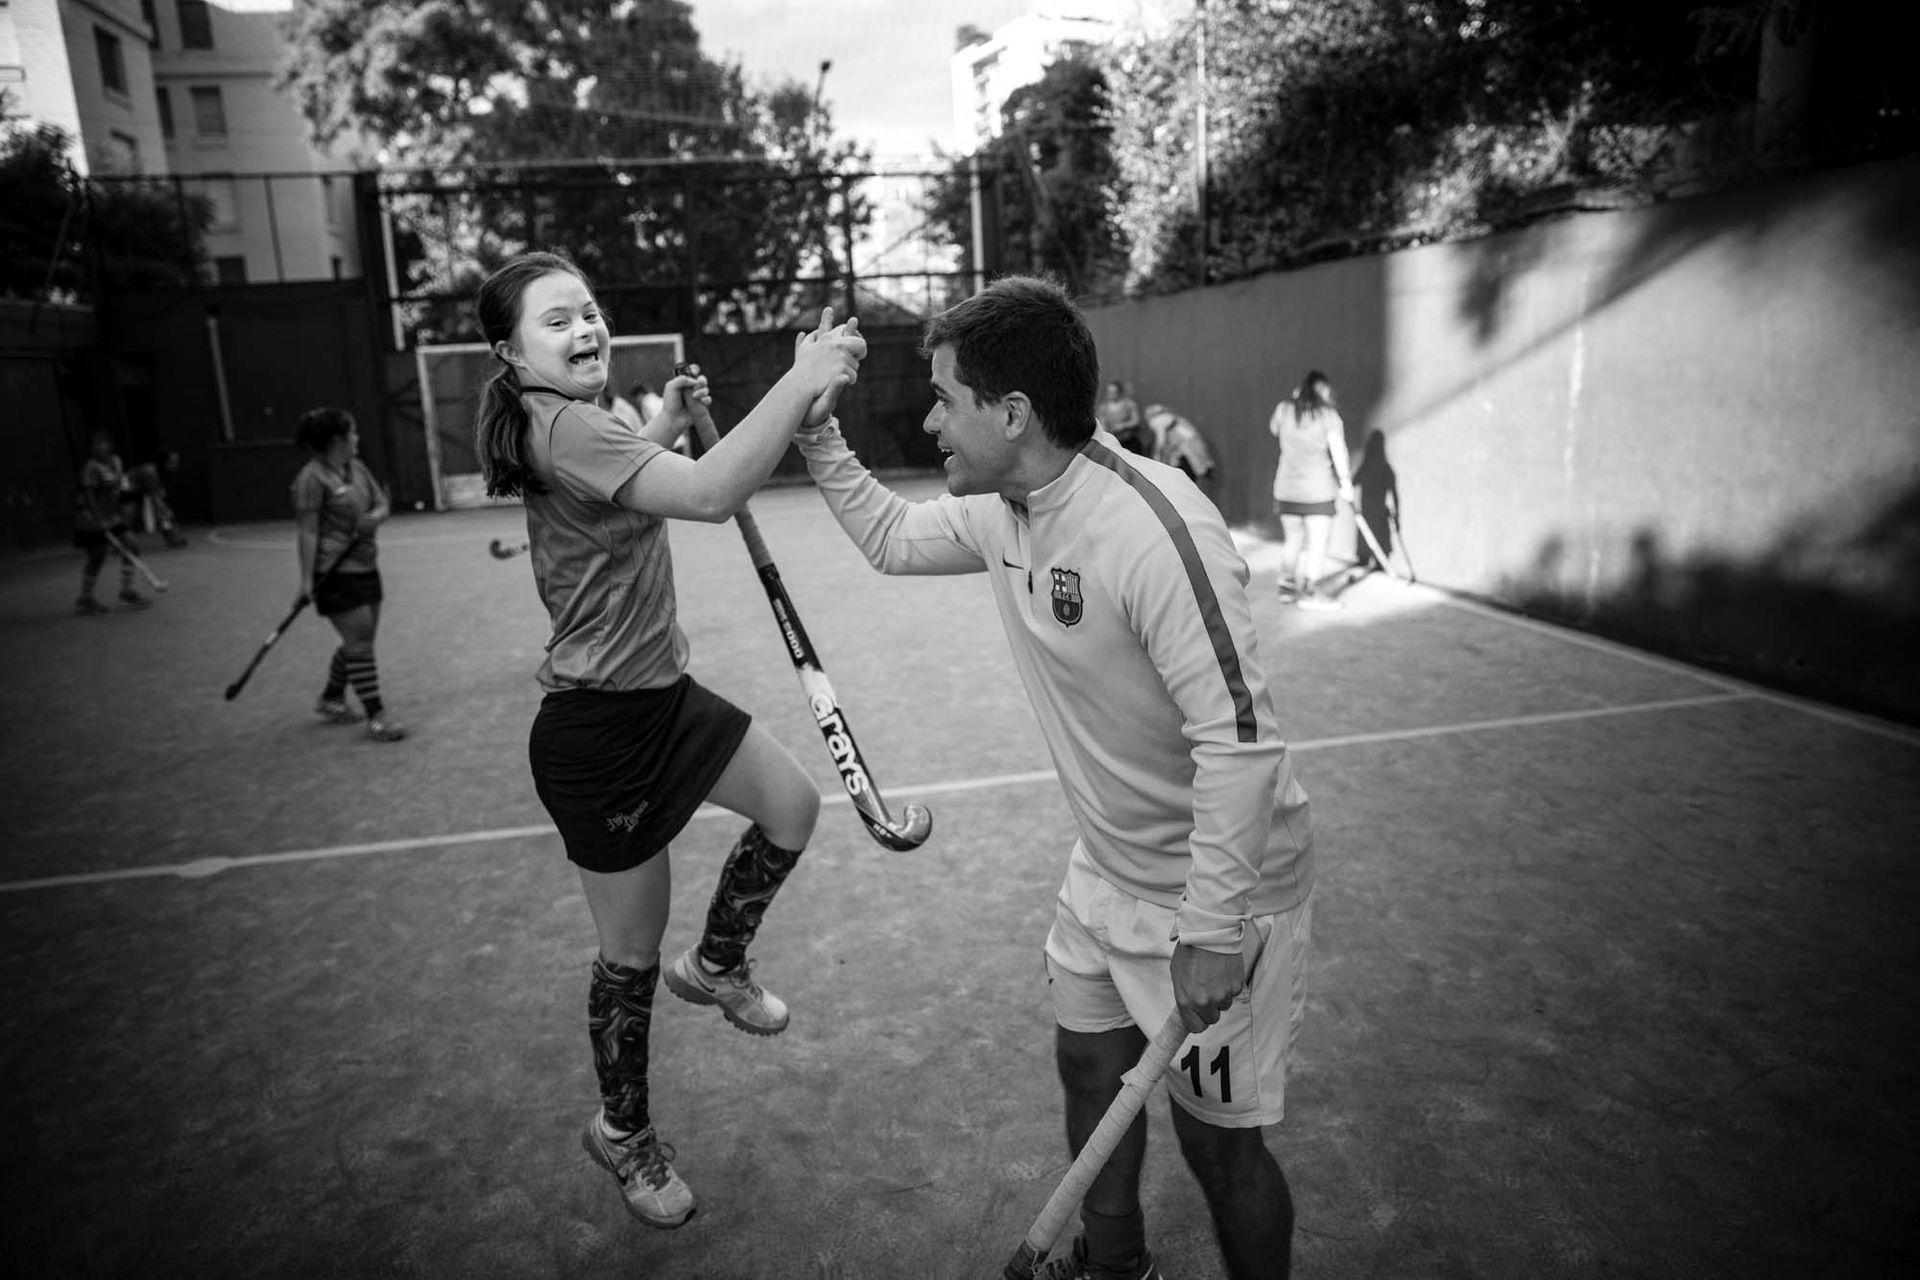 El año pasado, Las Lionas marcaron en punta cuando fueron invitadas por la Federación Panamericana de Hockey a jugar un partido exhibición en los Juegos Olímpicos de la Juventud en Buenos Aires.